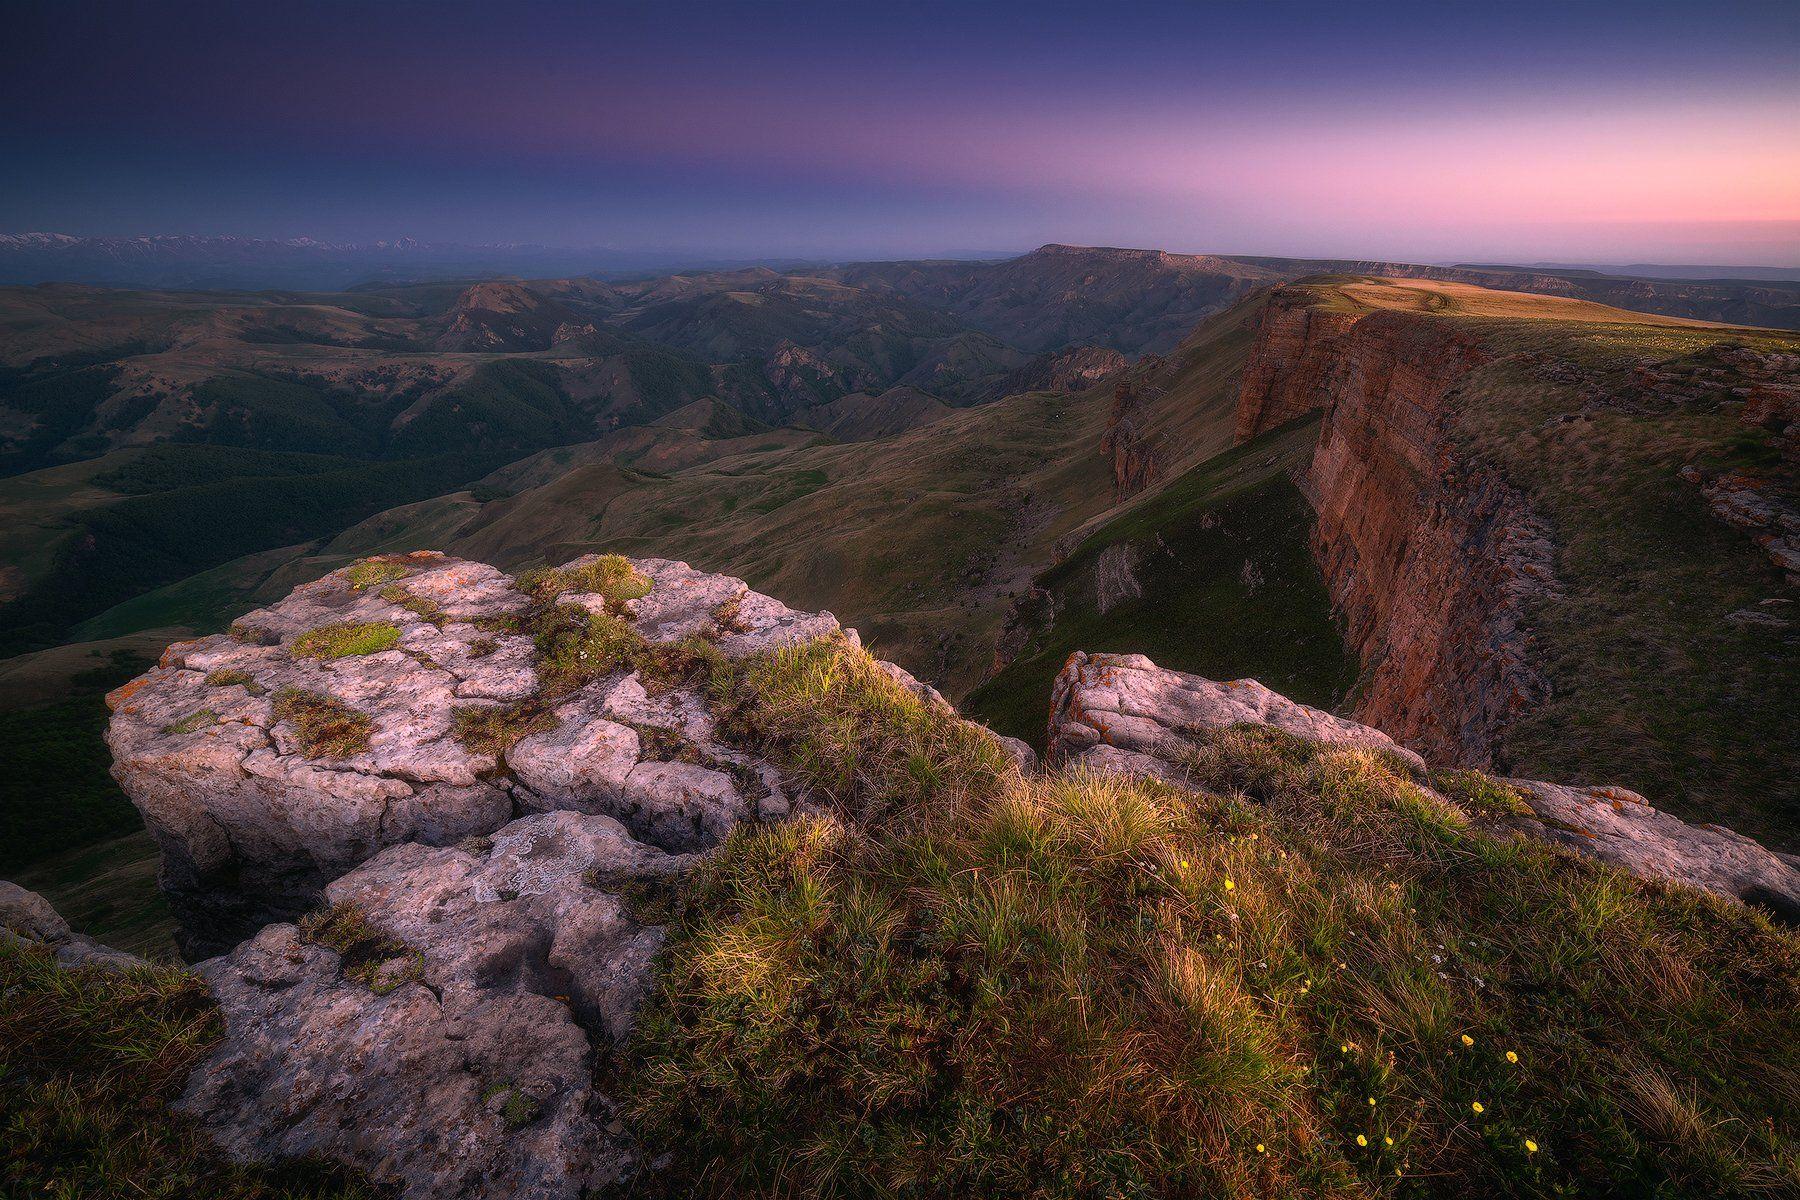 бермамыт, плато, карачаево-черкесия, горы, пейзаж, рассвет, Leschinskaya Tania